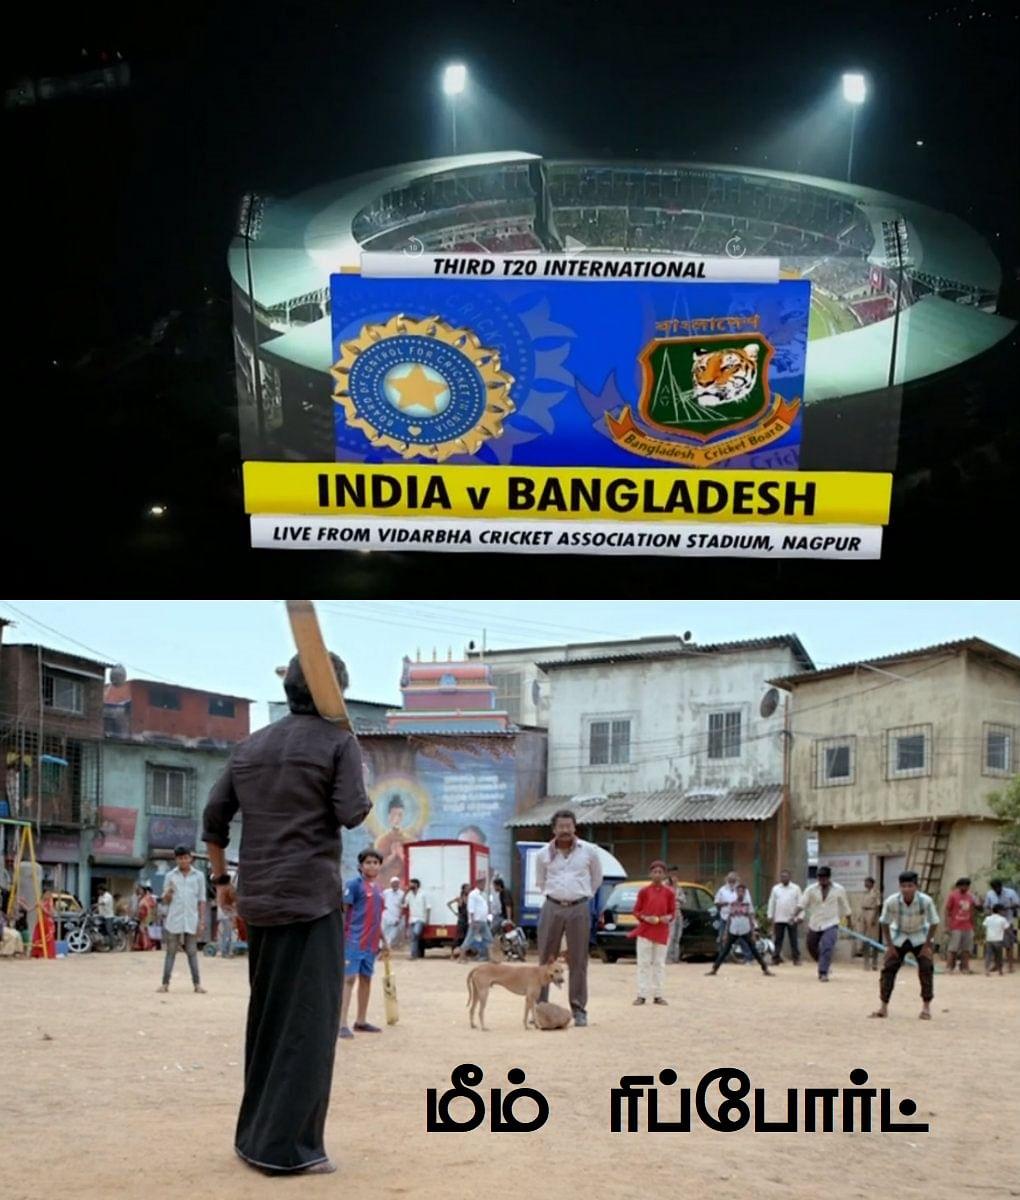 இந்தியா vs வங்கதேசம் மீம் ரிப்போர்ட்